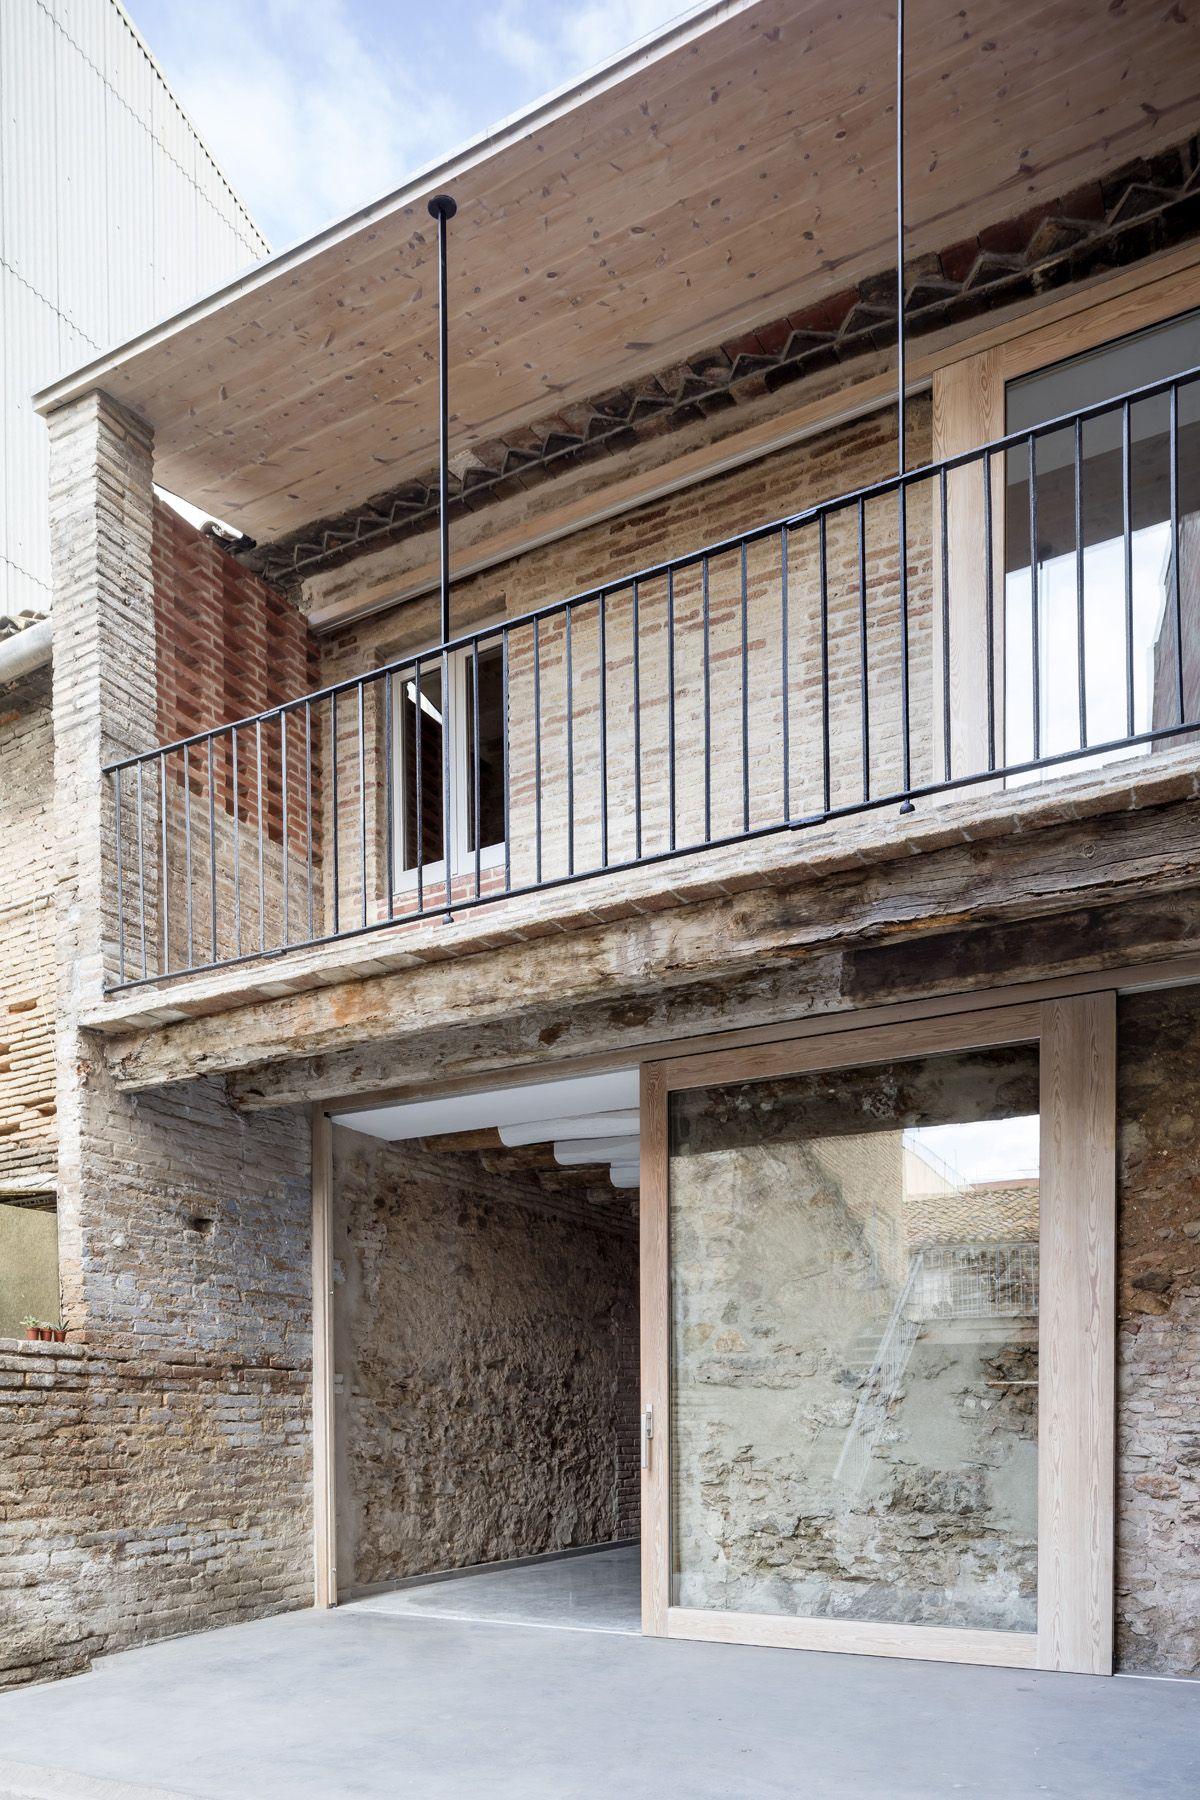 Dataae rehabilitaci n de una casa entre medianeras en sant feliu de llobregat hic Rehabilitacion de casas antiguas